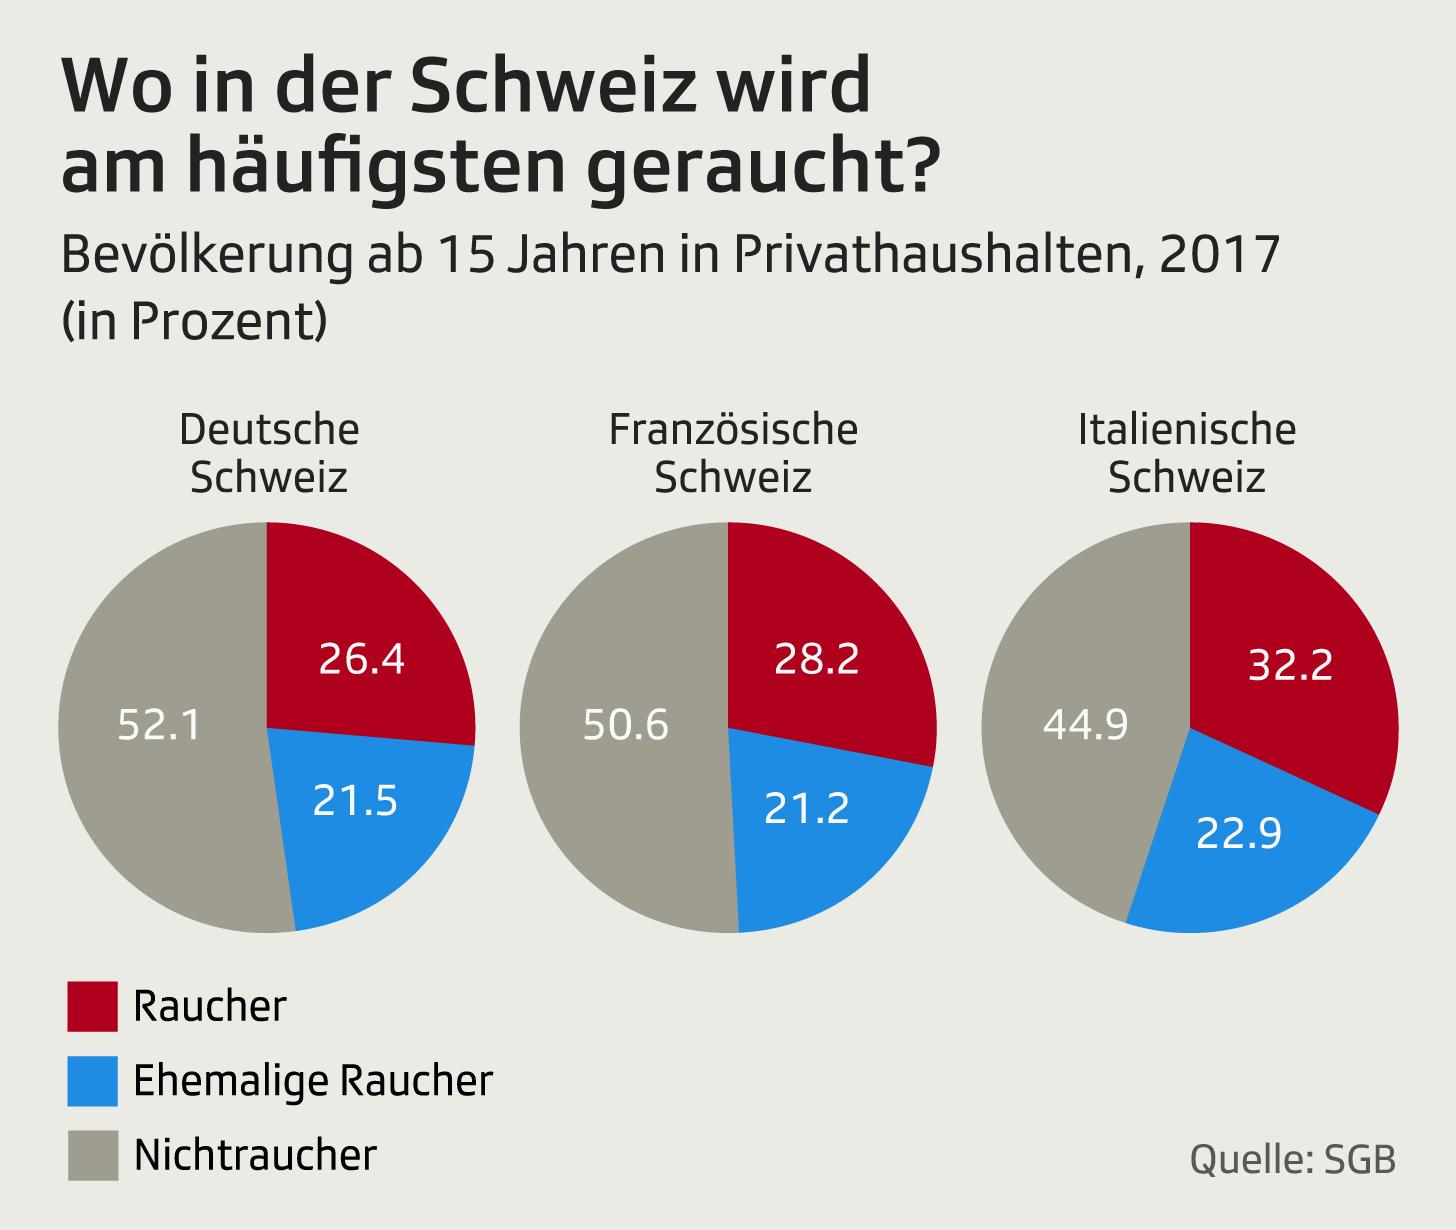 Wie viel wird in der Schweiz geraucht